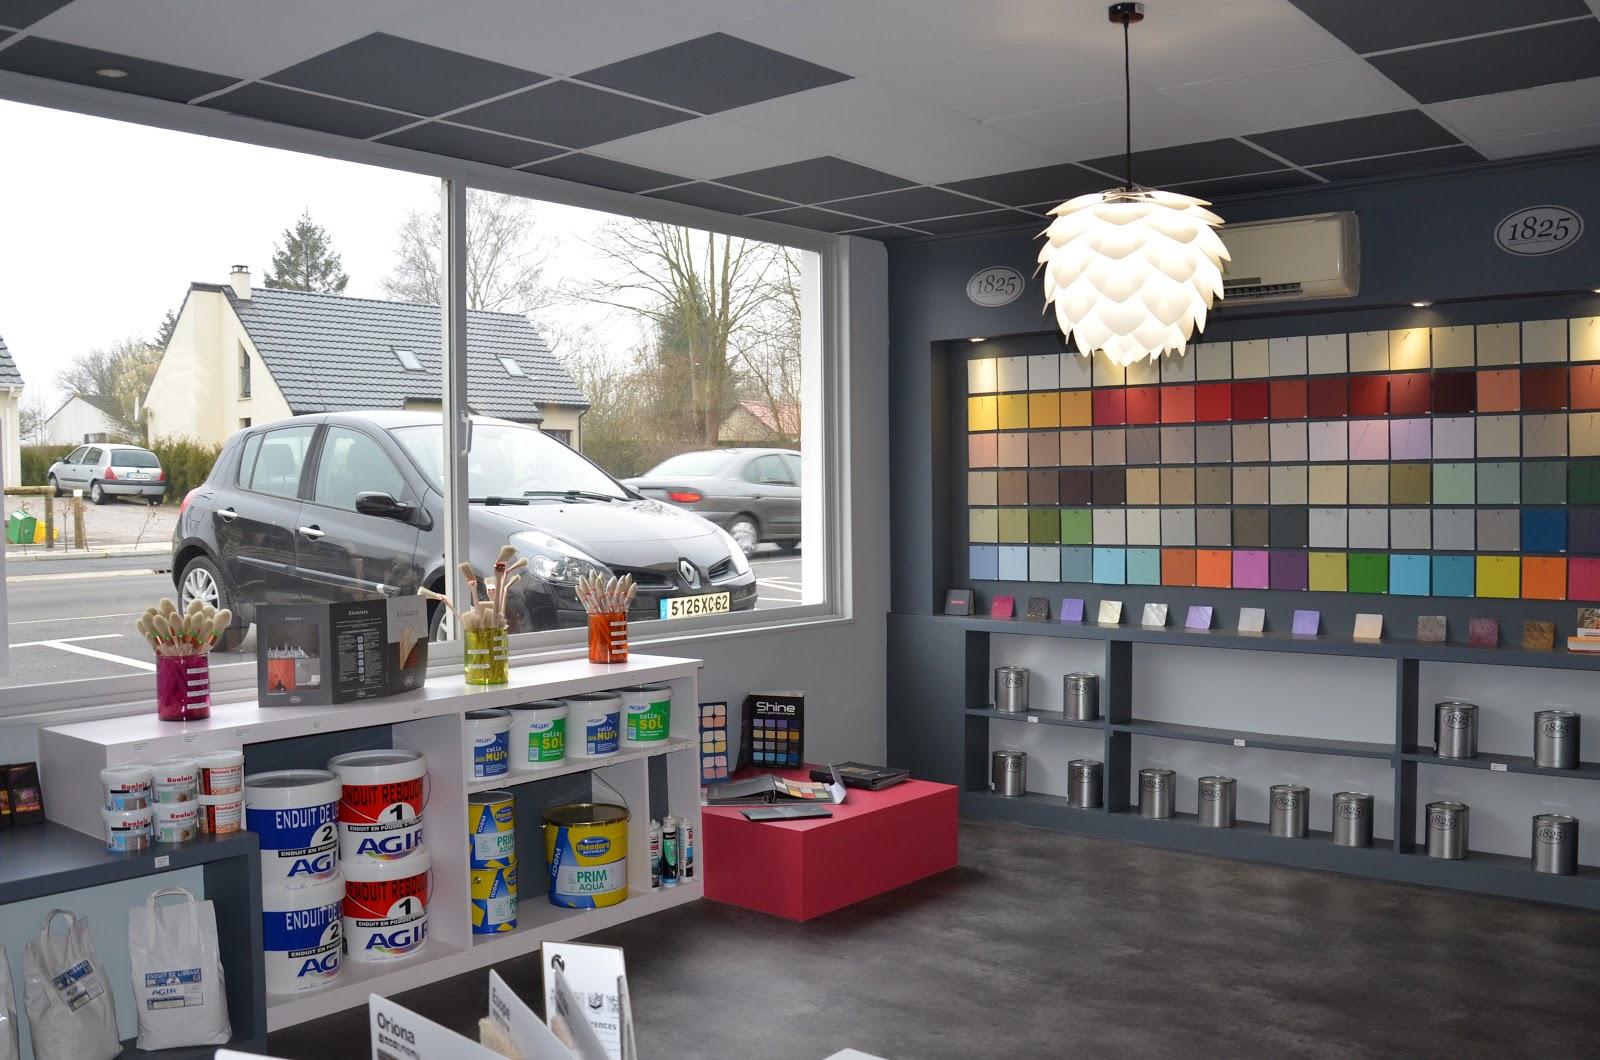 une boutique tout en couleurs la r alisation lana 39 i d coration et conception d 39 int rieur. Black Bedroom Furniture Sets. Home Design Ideas